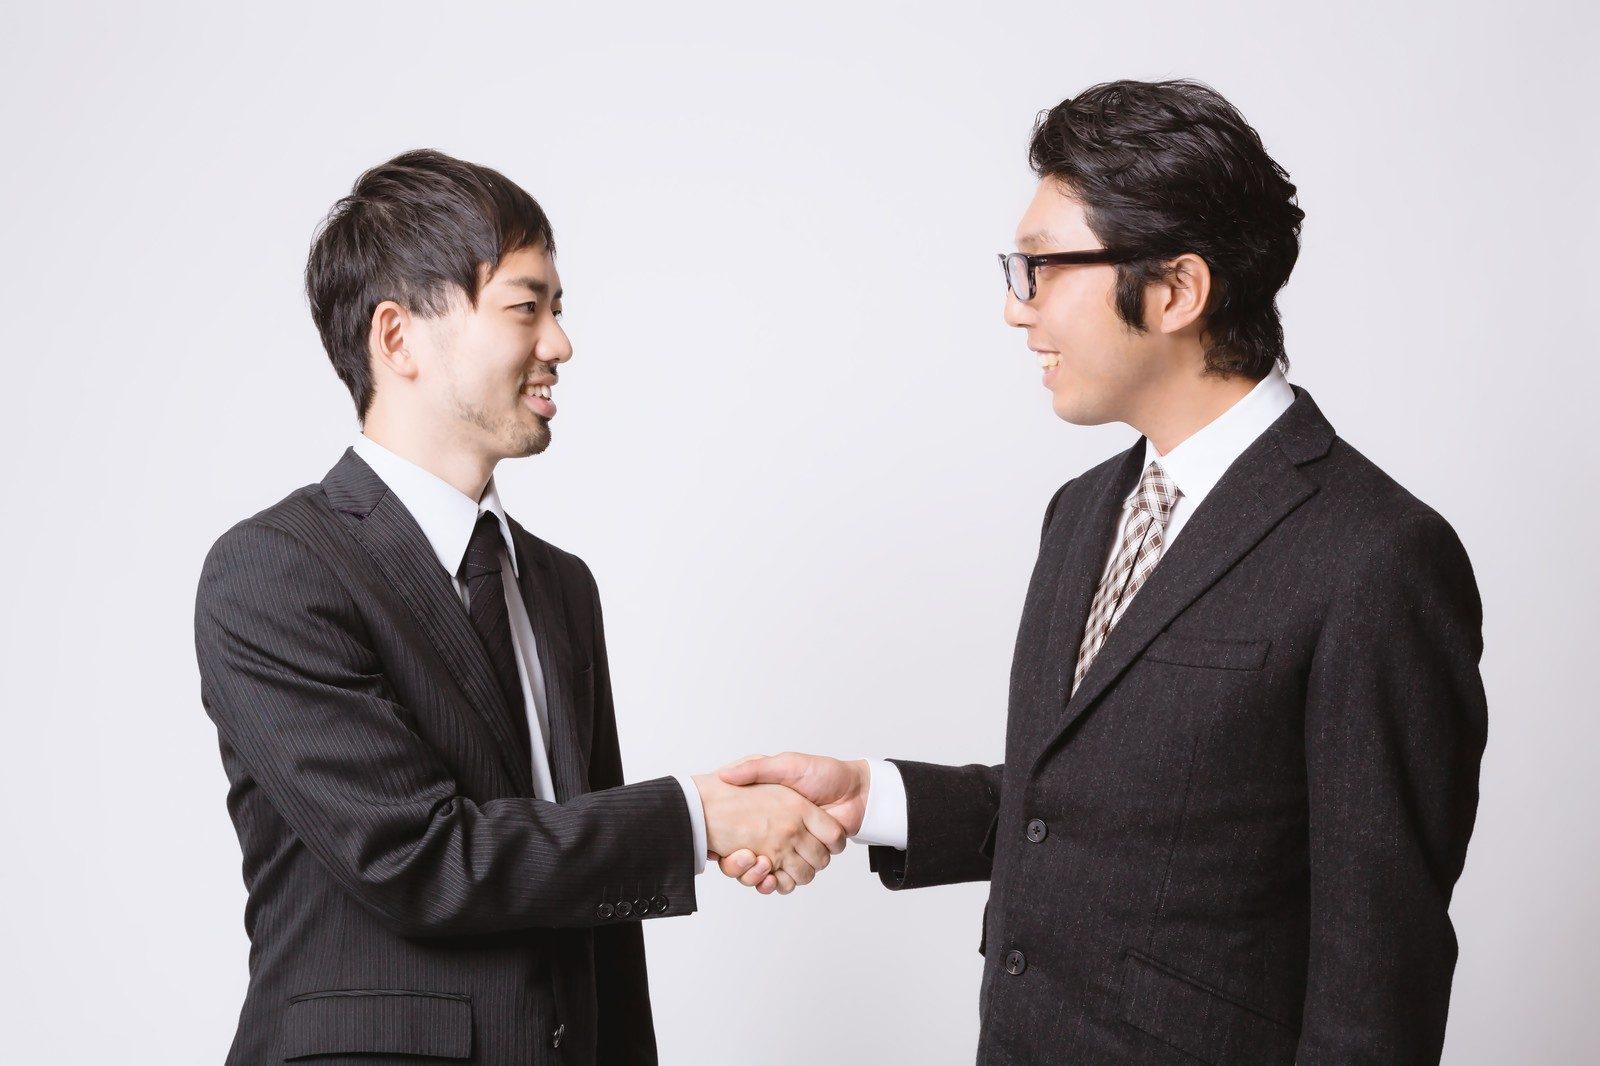 人に会うのが超苦手だけど会った後は必ず生産性が上がる件 | 会社 ...